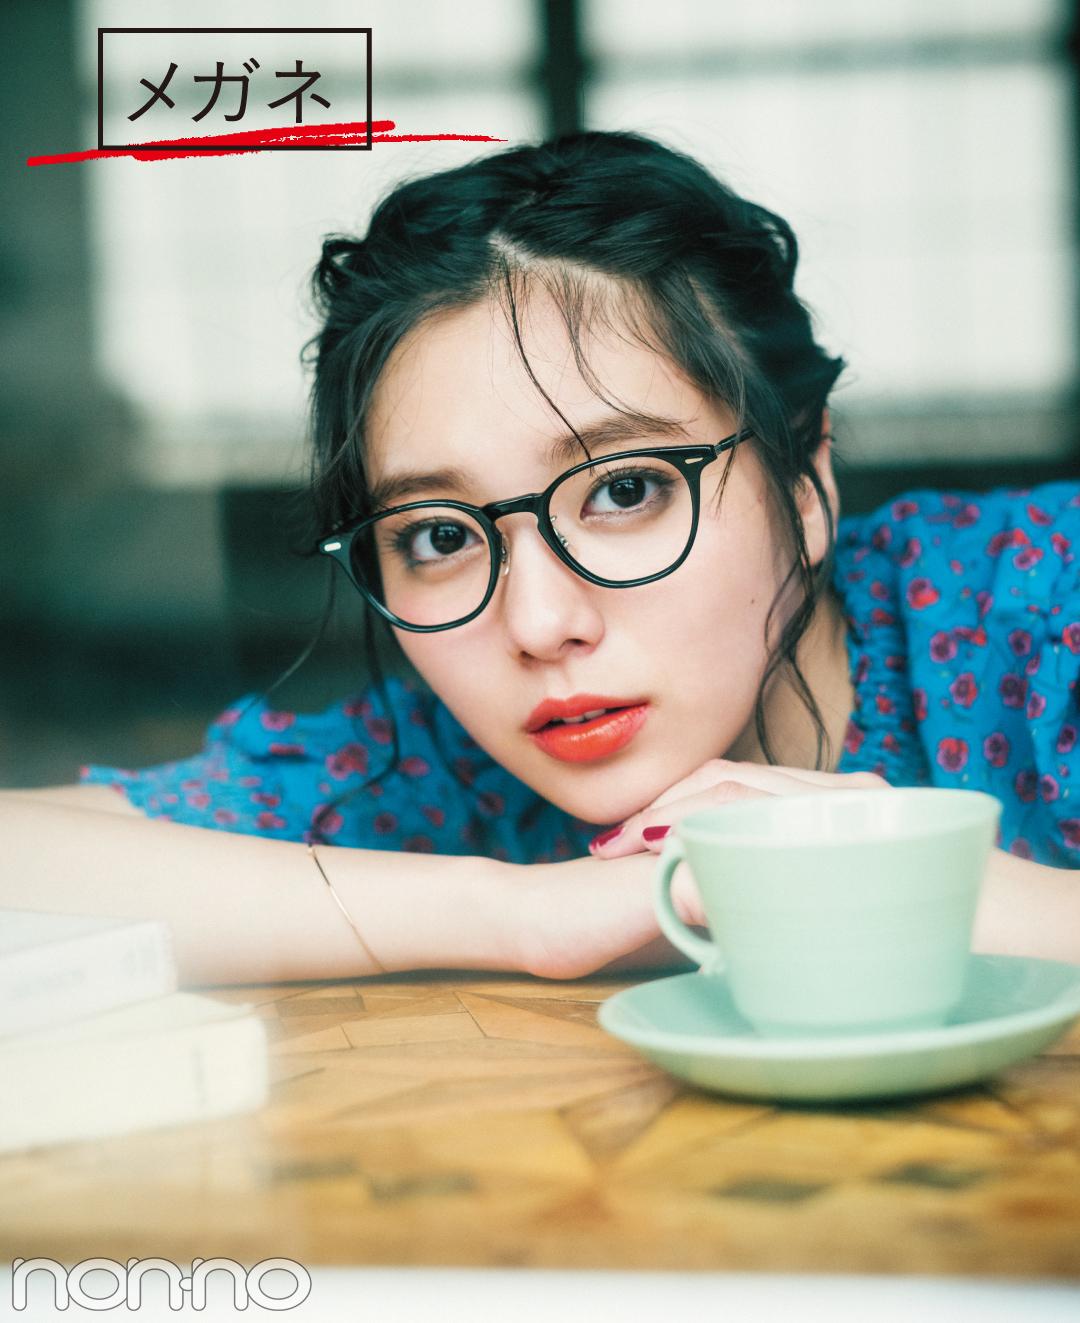 新川優愛が、初めてメガネをかけたのは…【新川優愛のおしゃれ定番図鑑】_1_1